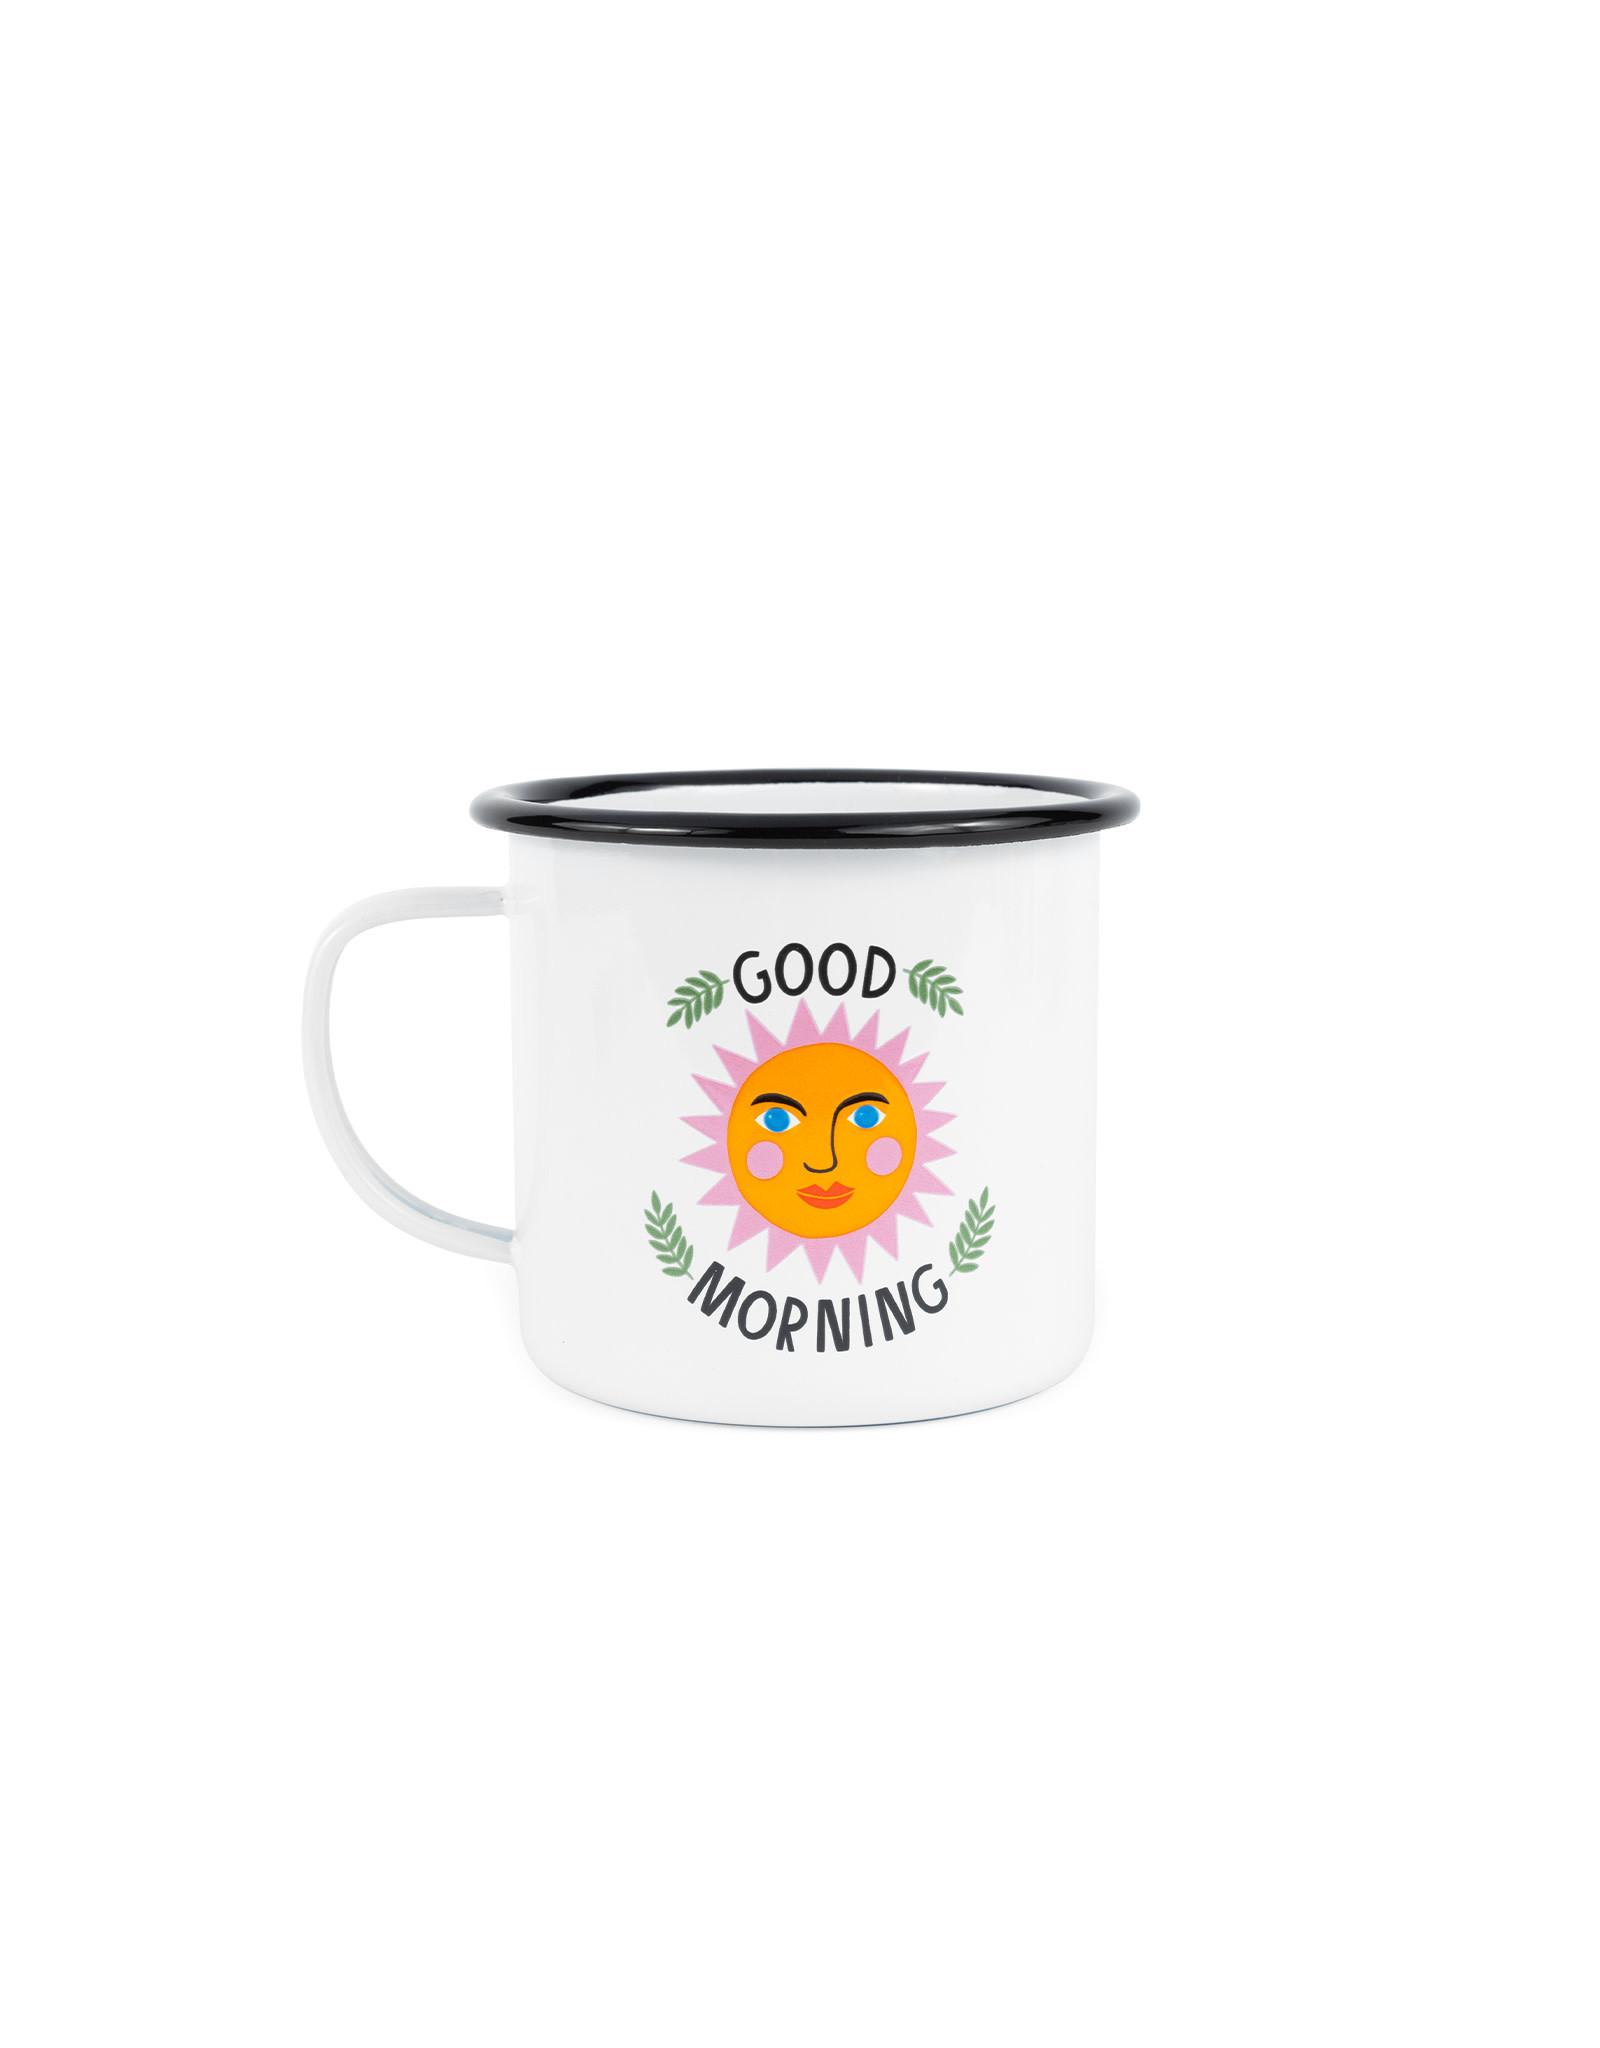 Crow Canyon Lisa Congdon x CCH 16 oz Good Morning Mug